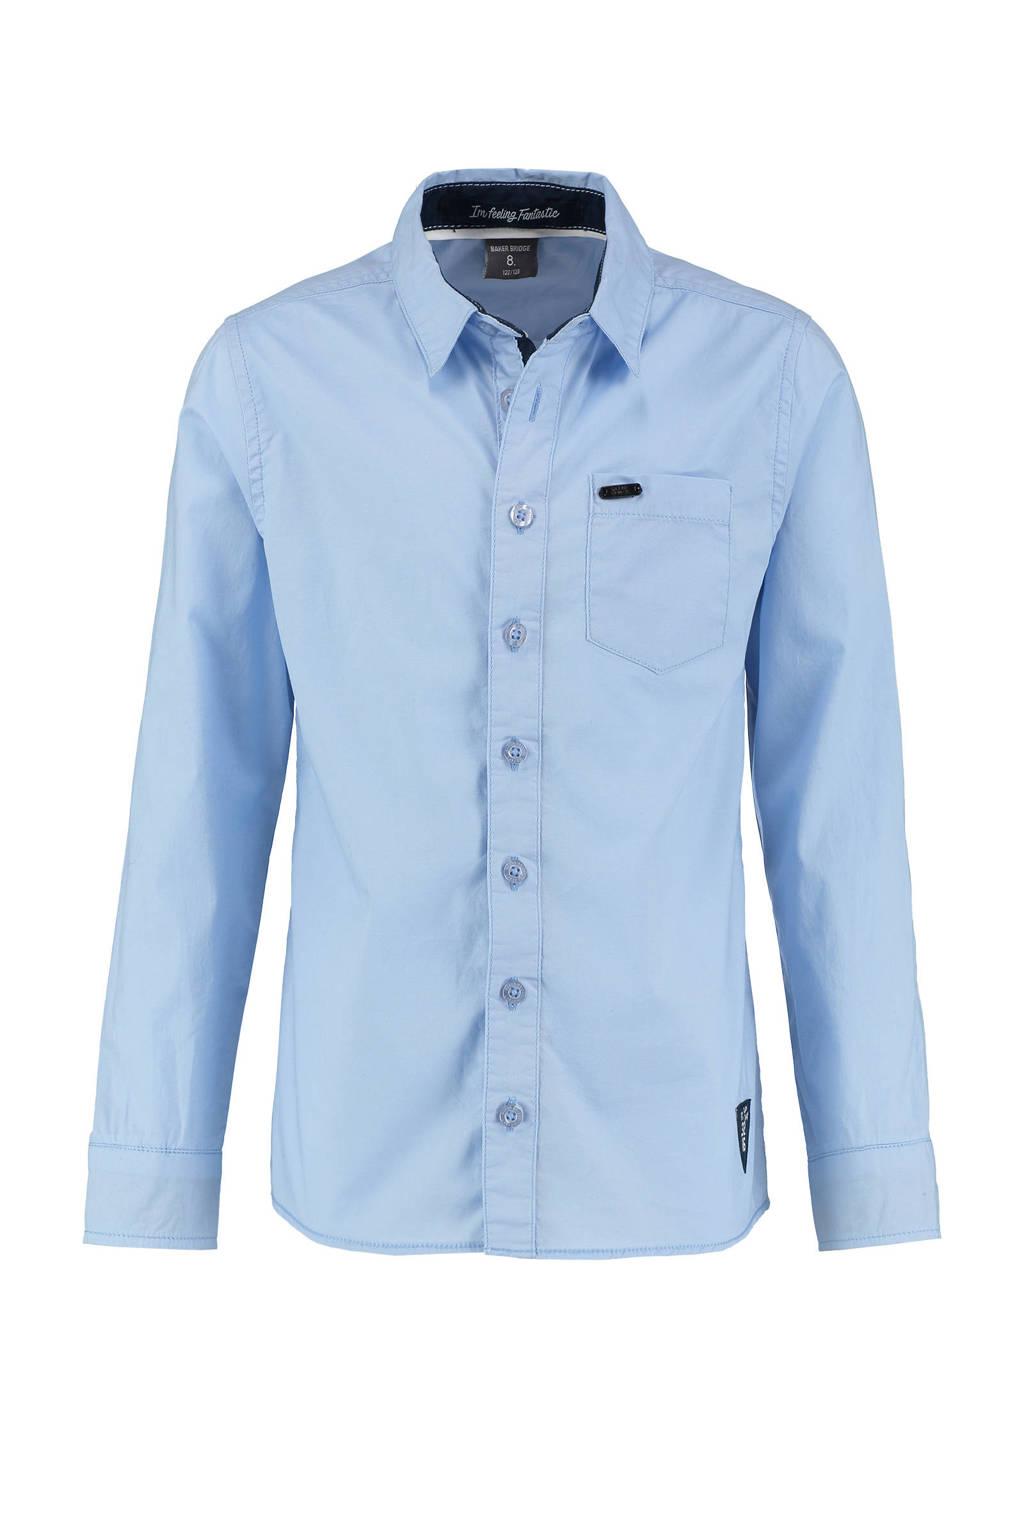 Baker Bridge slim fit overhemd Olav lichtblauw, Lichtblauw